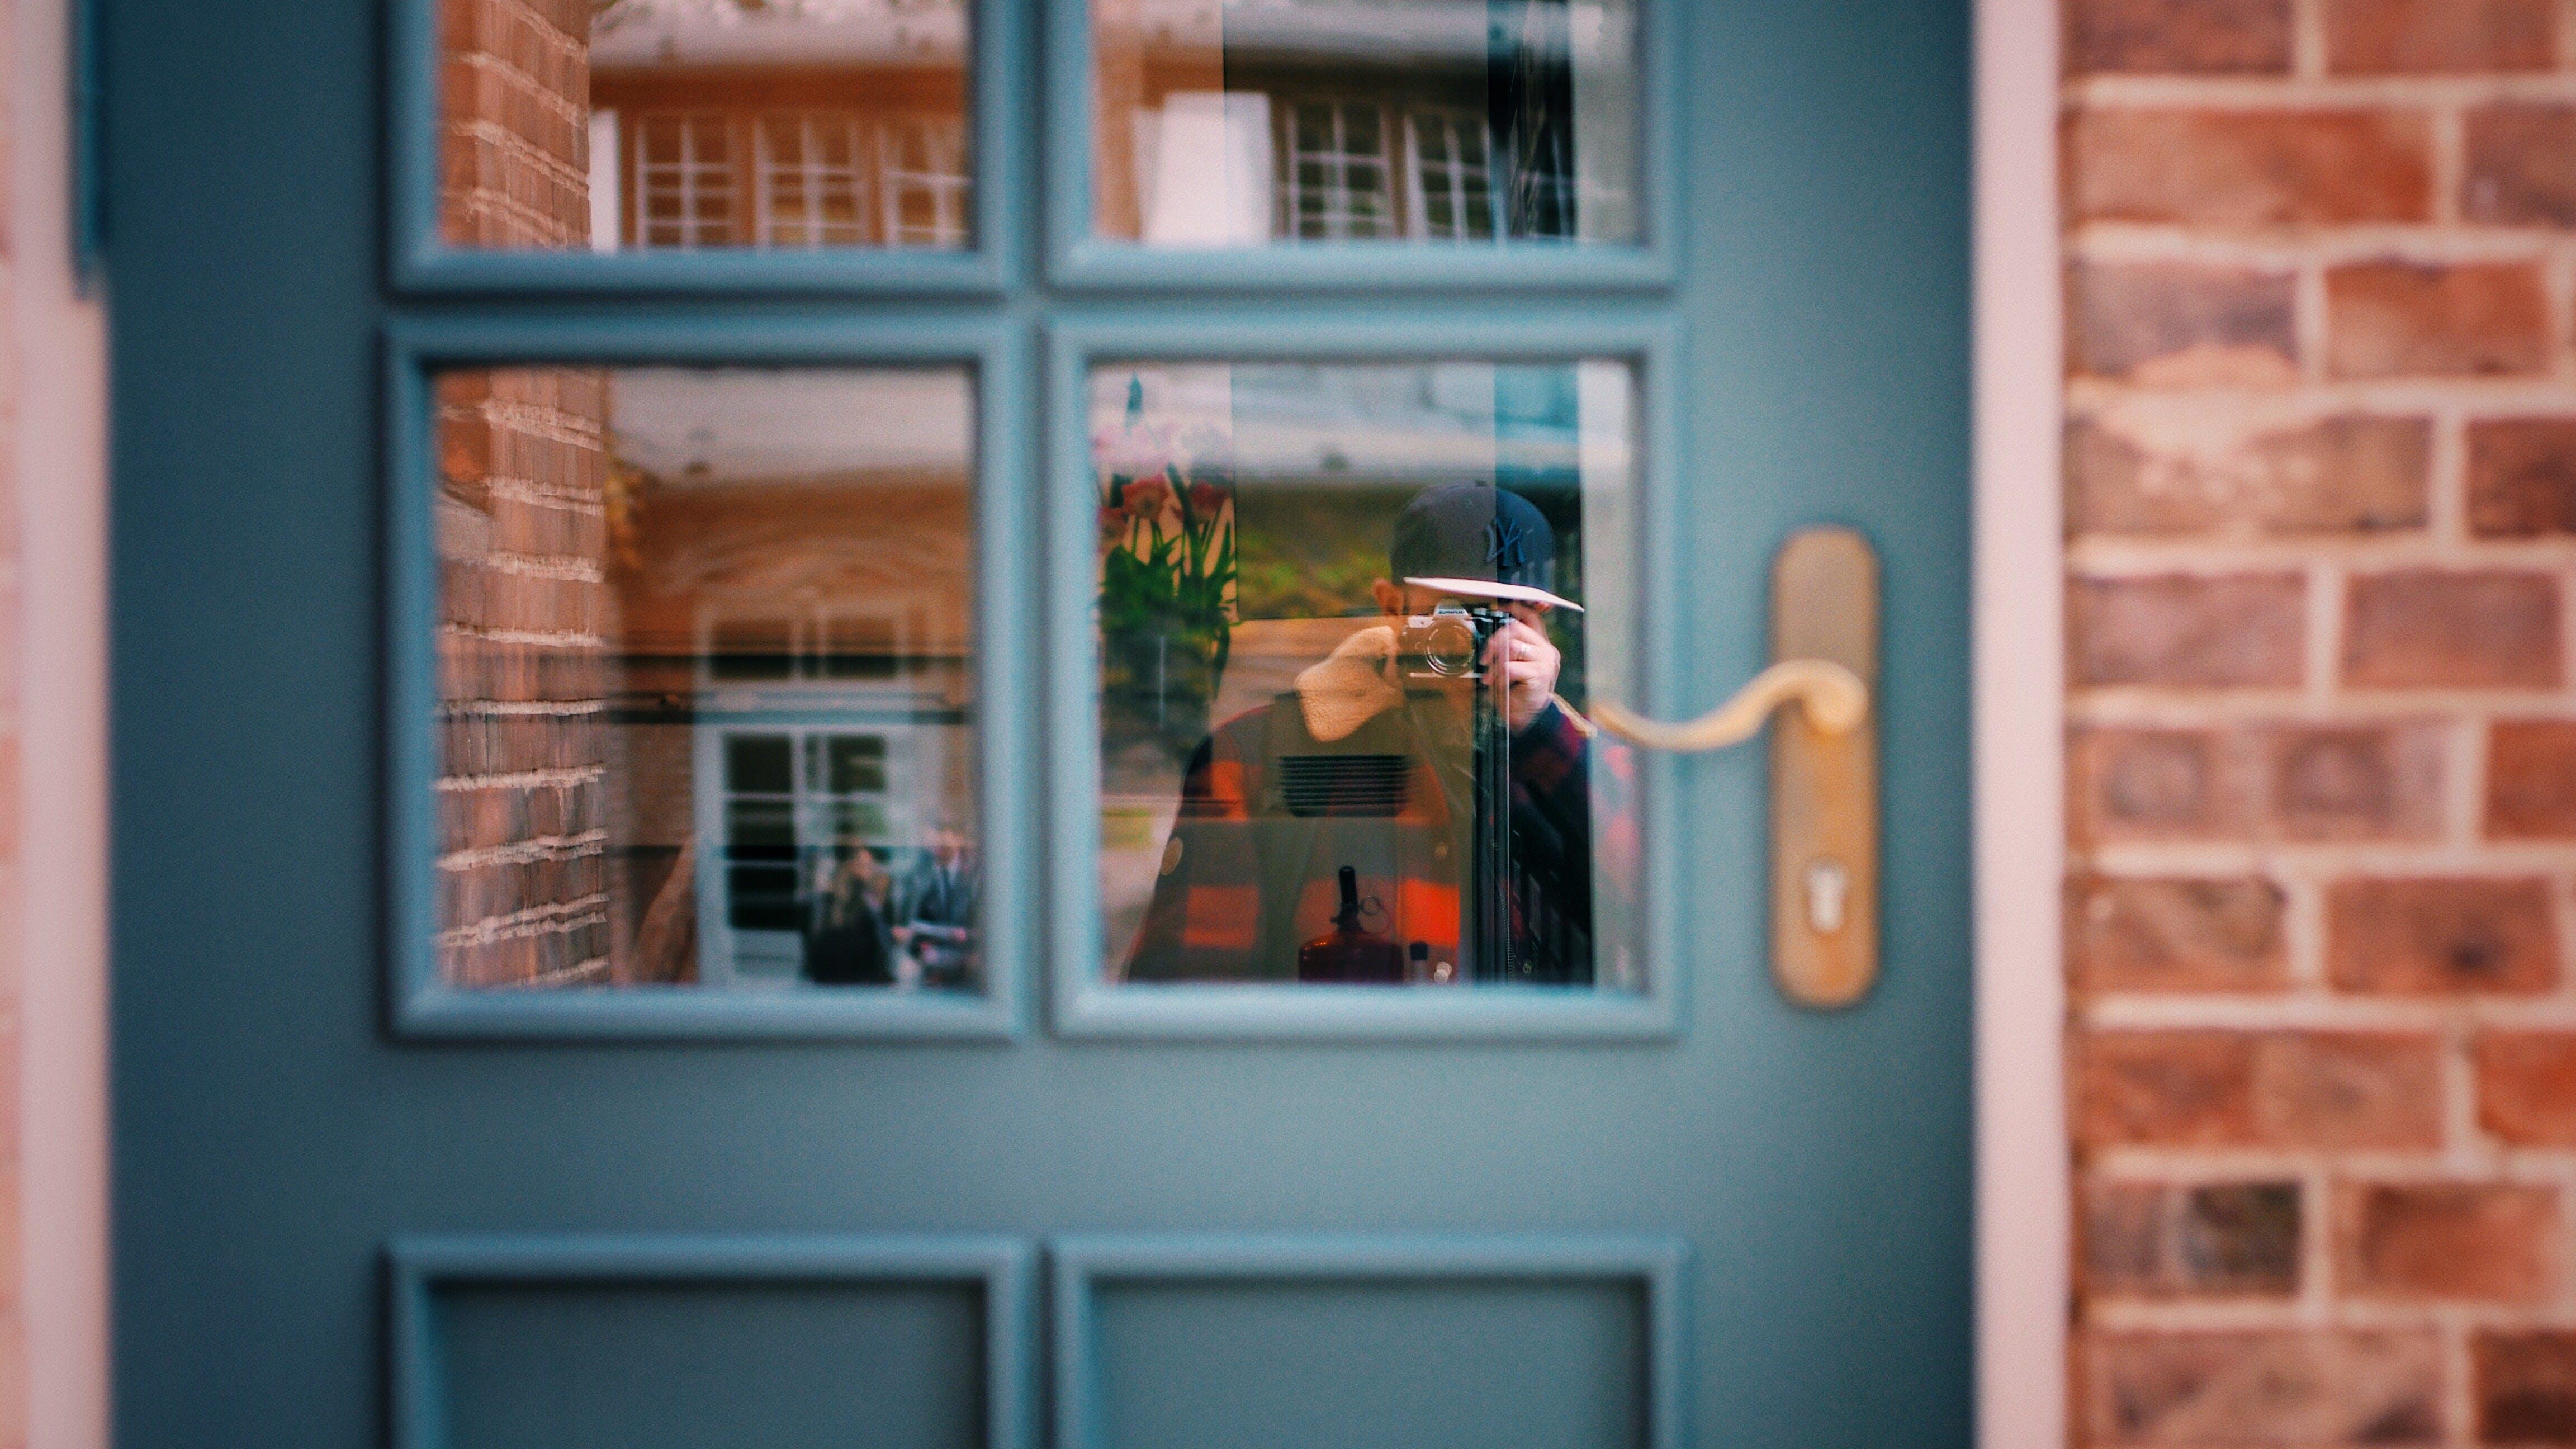 Man in Black Sweater Taking Photo of Blue Door